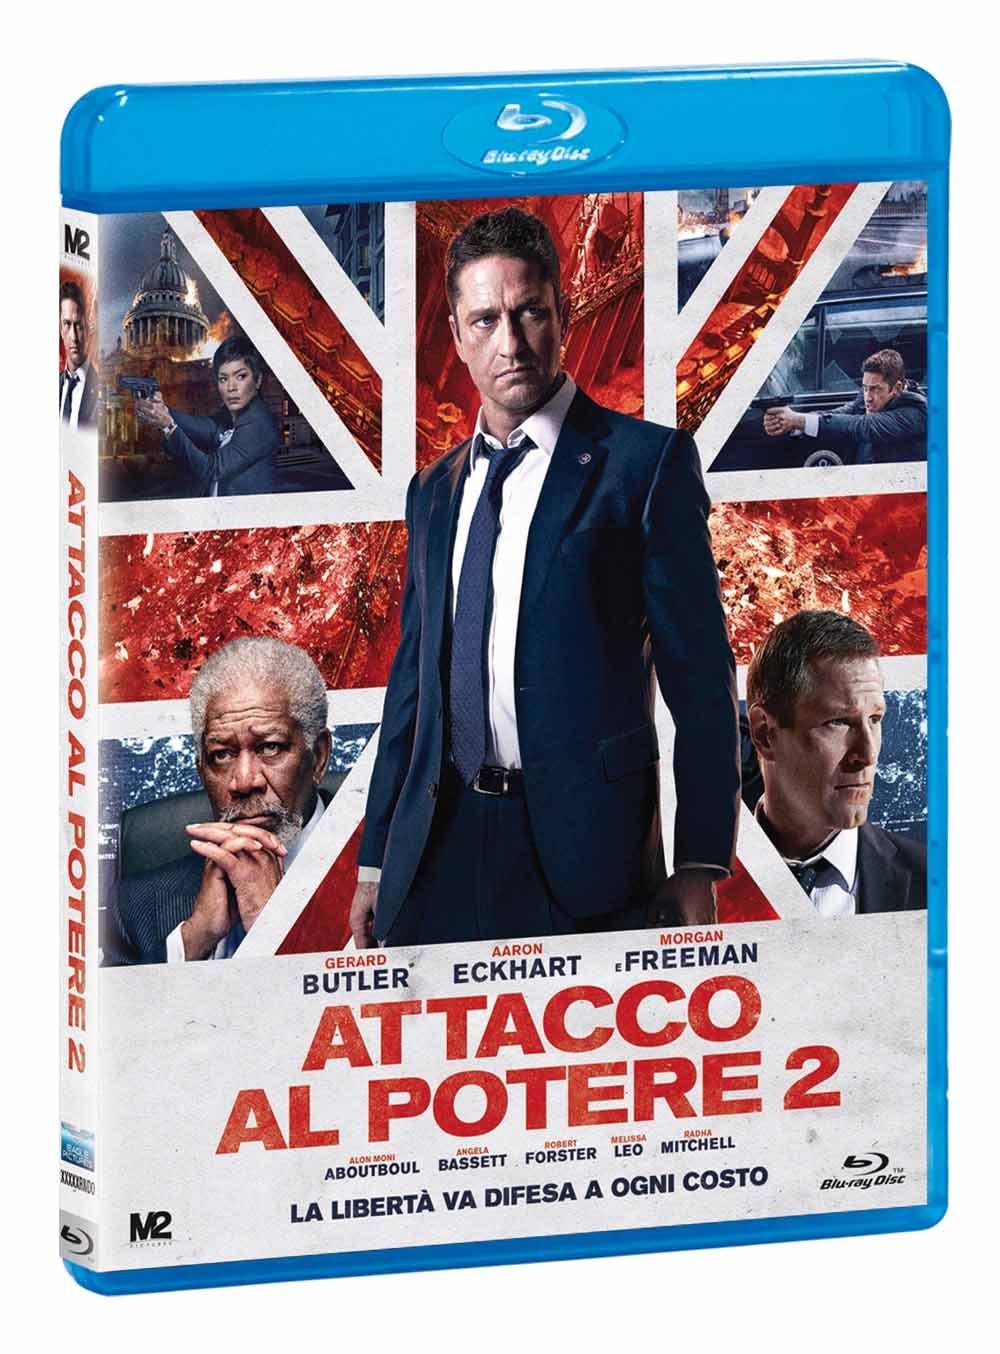 Attacco Al Potere 2: Amazon.it: Butler, Eckhart, Freeman, Aboutboul,  Butler, Eckhart, Freeman, Aboutboul: Film e TV